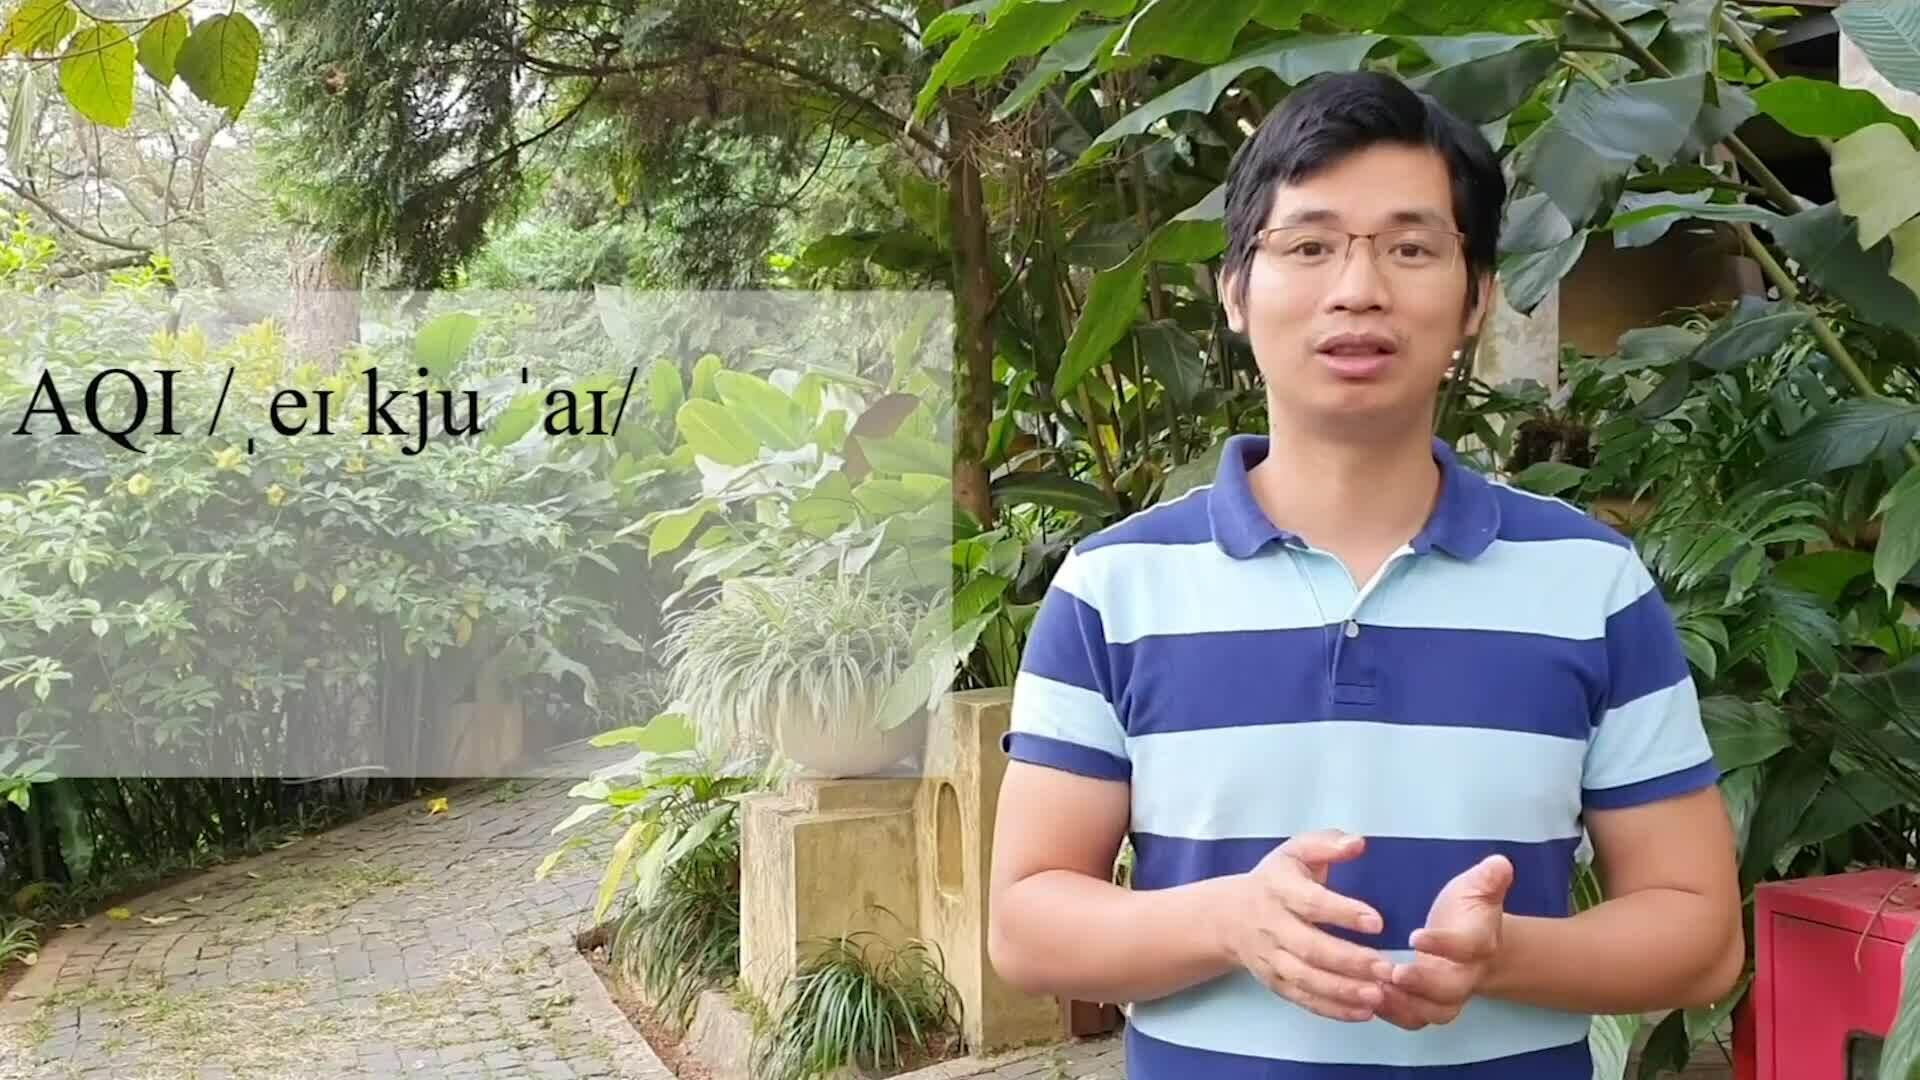 Phát âm từ AQI - chỉ số chất lượng không khí bằng tiếng Anh